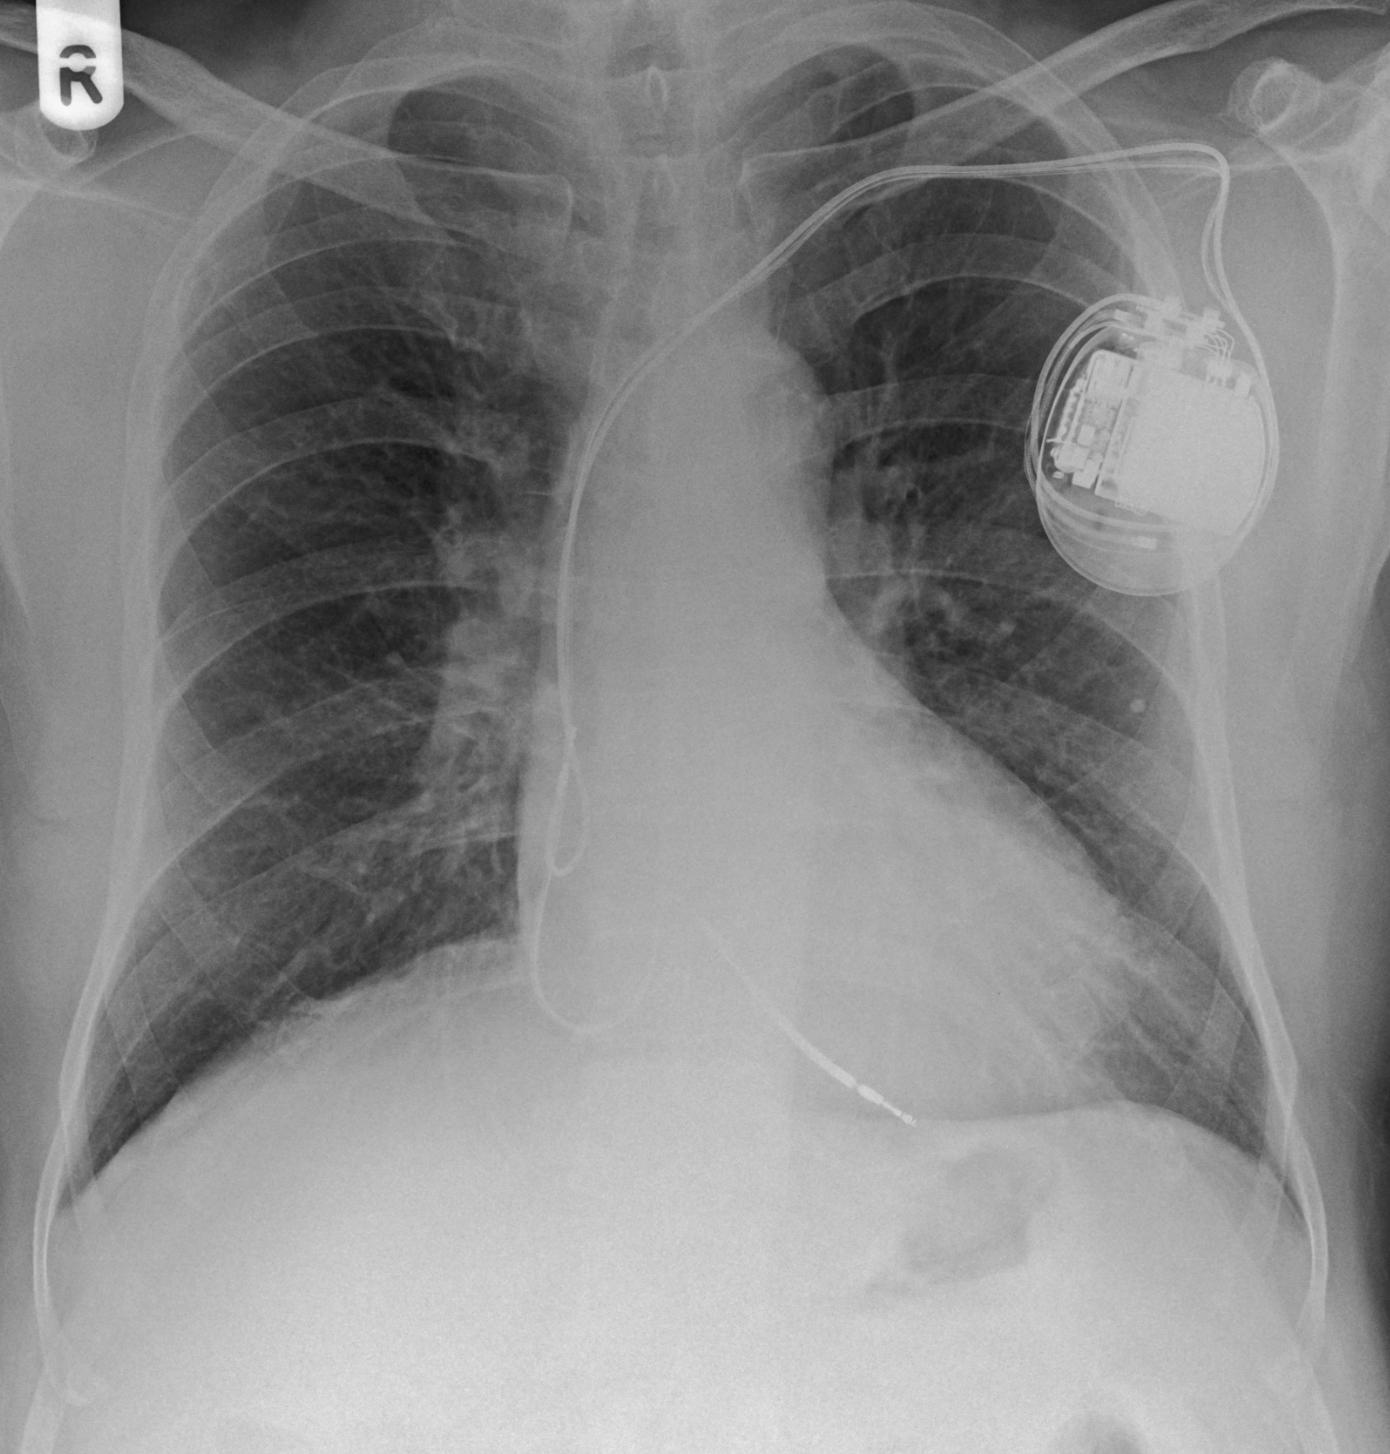 Radiografia com pacemaker e eléctrodos.